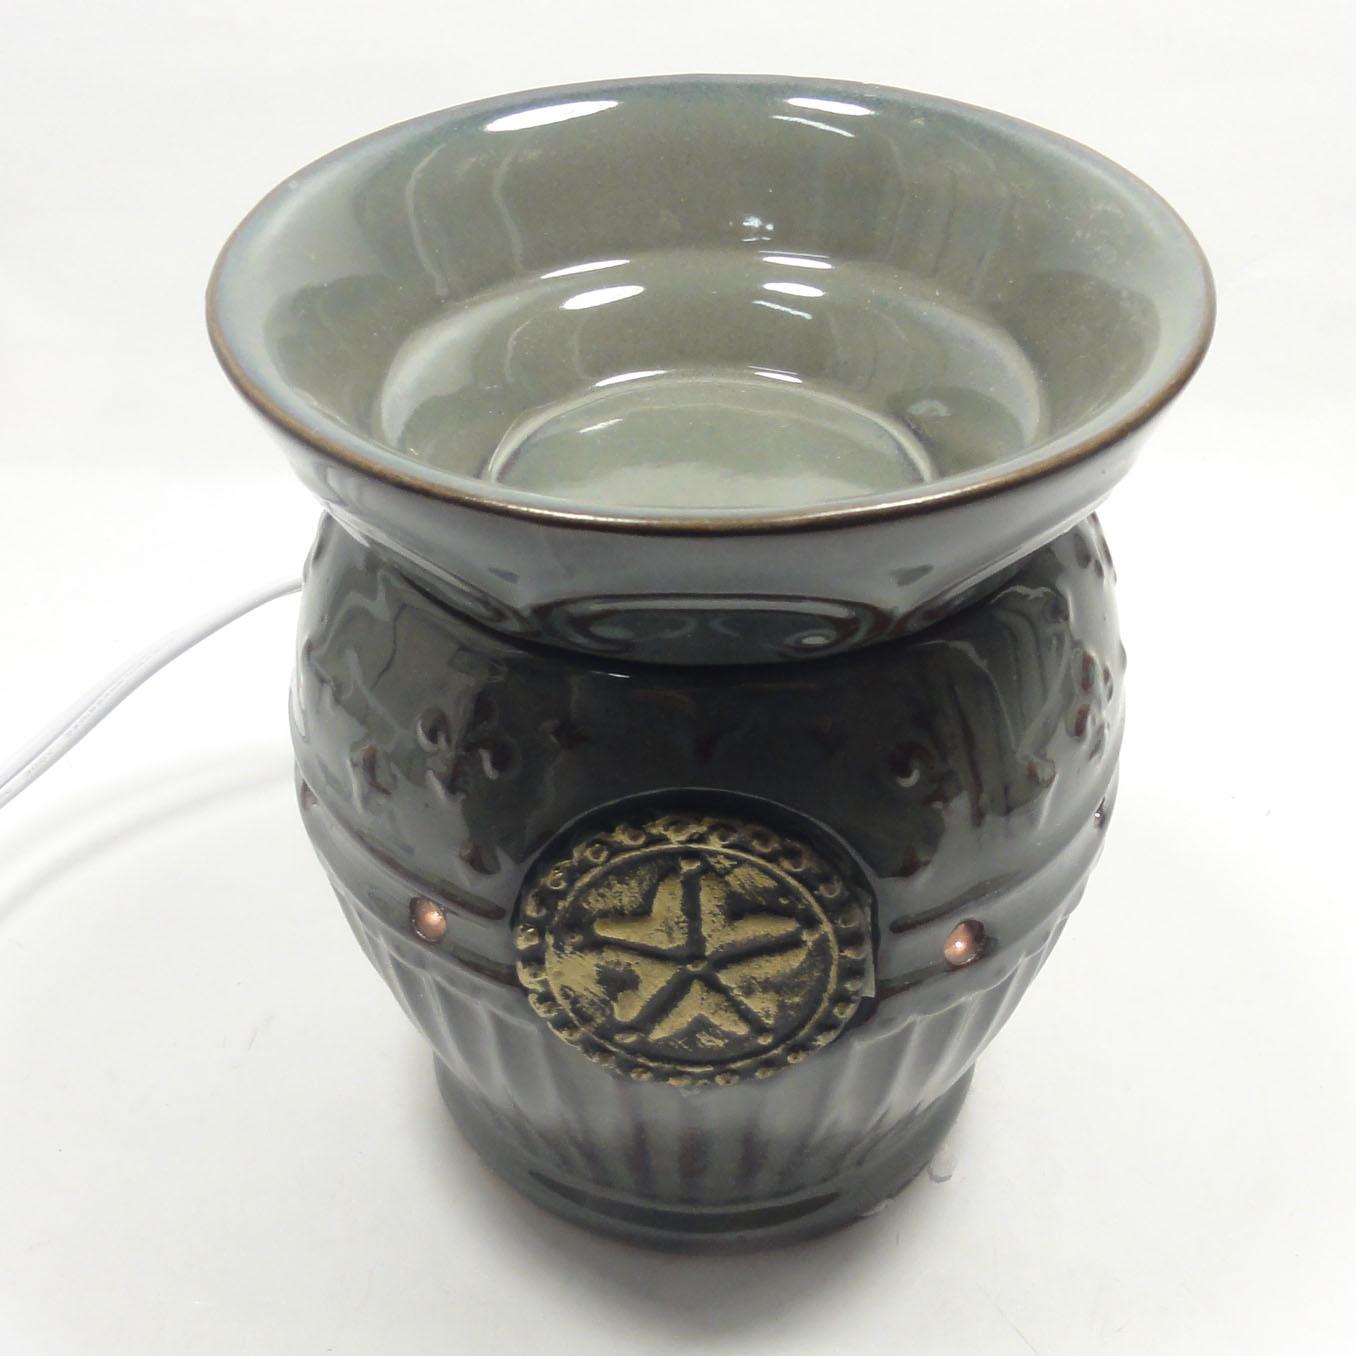 ceramic electric fragrance oil tart lamp warmer diffuser burner aroma. Black Bedroom Furniture Sets. Home Design Ideas